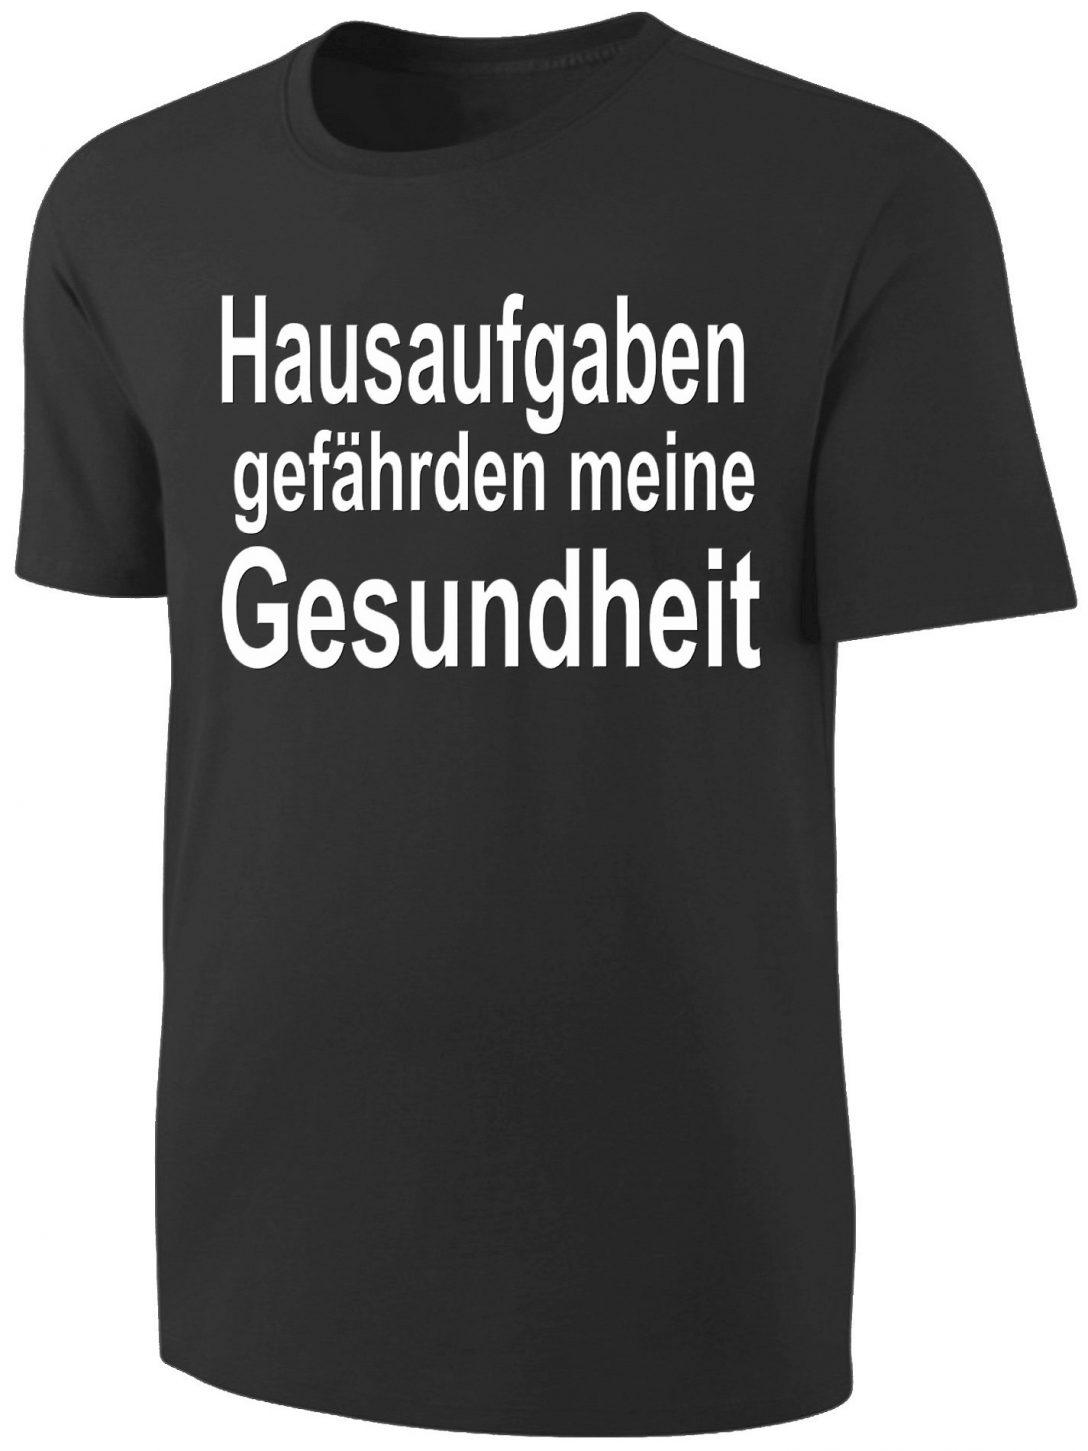 Large Size of Blackshirt Company Lustige Fun Sprche T Shirt Wandsprüche T Shirt Sprüche Wandtattoos Bettwäsche Jutebeutel Für Die Küche Junggesellinnenabschied Küche Lustige T Shirt Sprüche